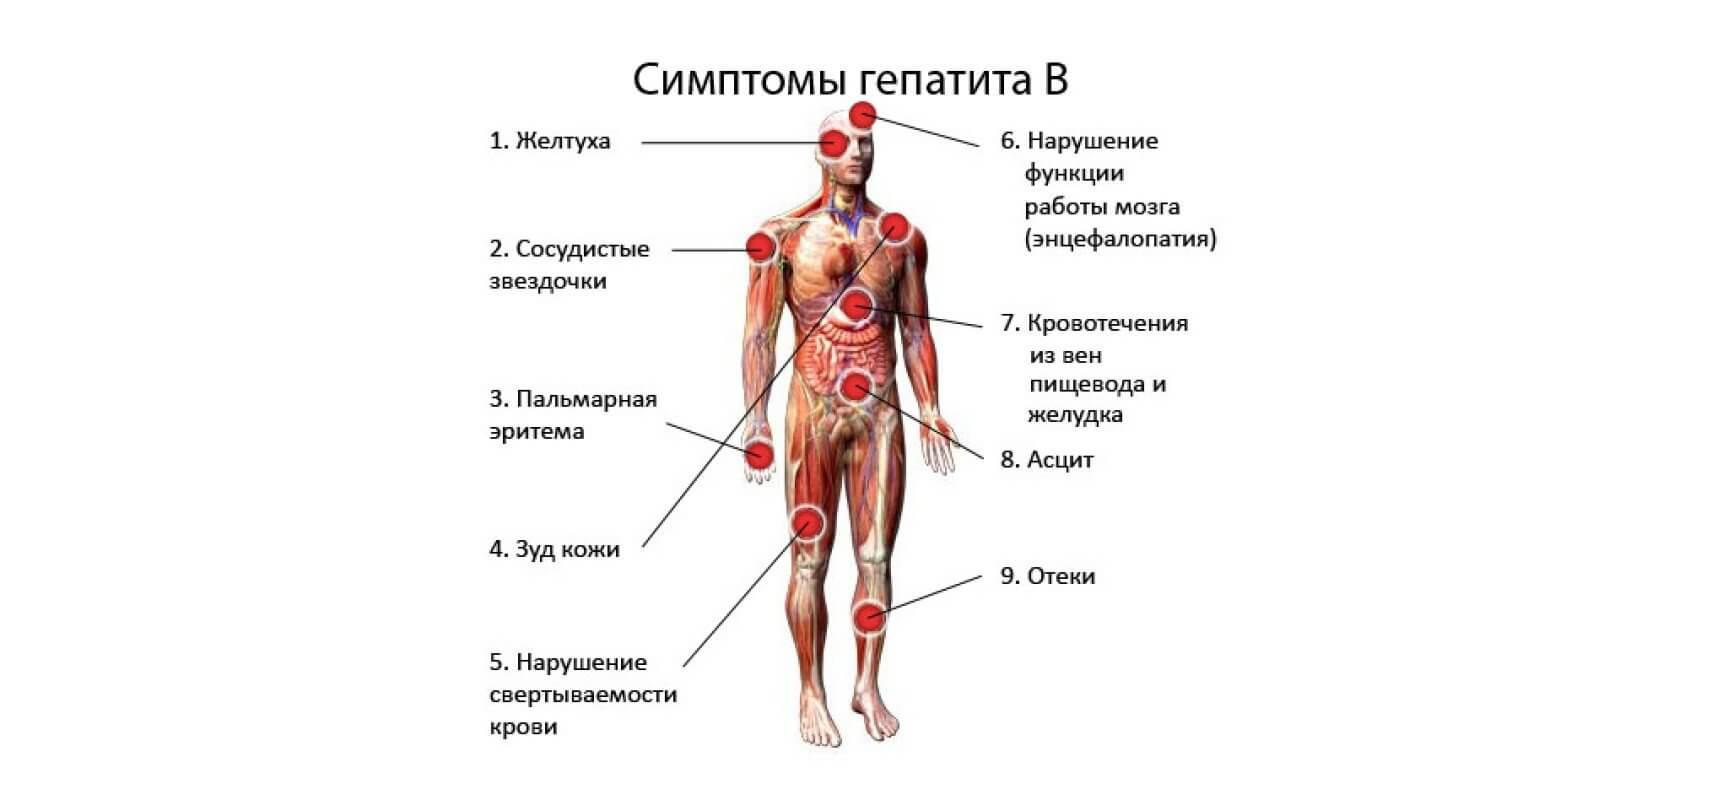 признаки заболевания гепатитом с